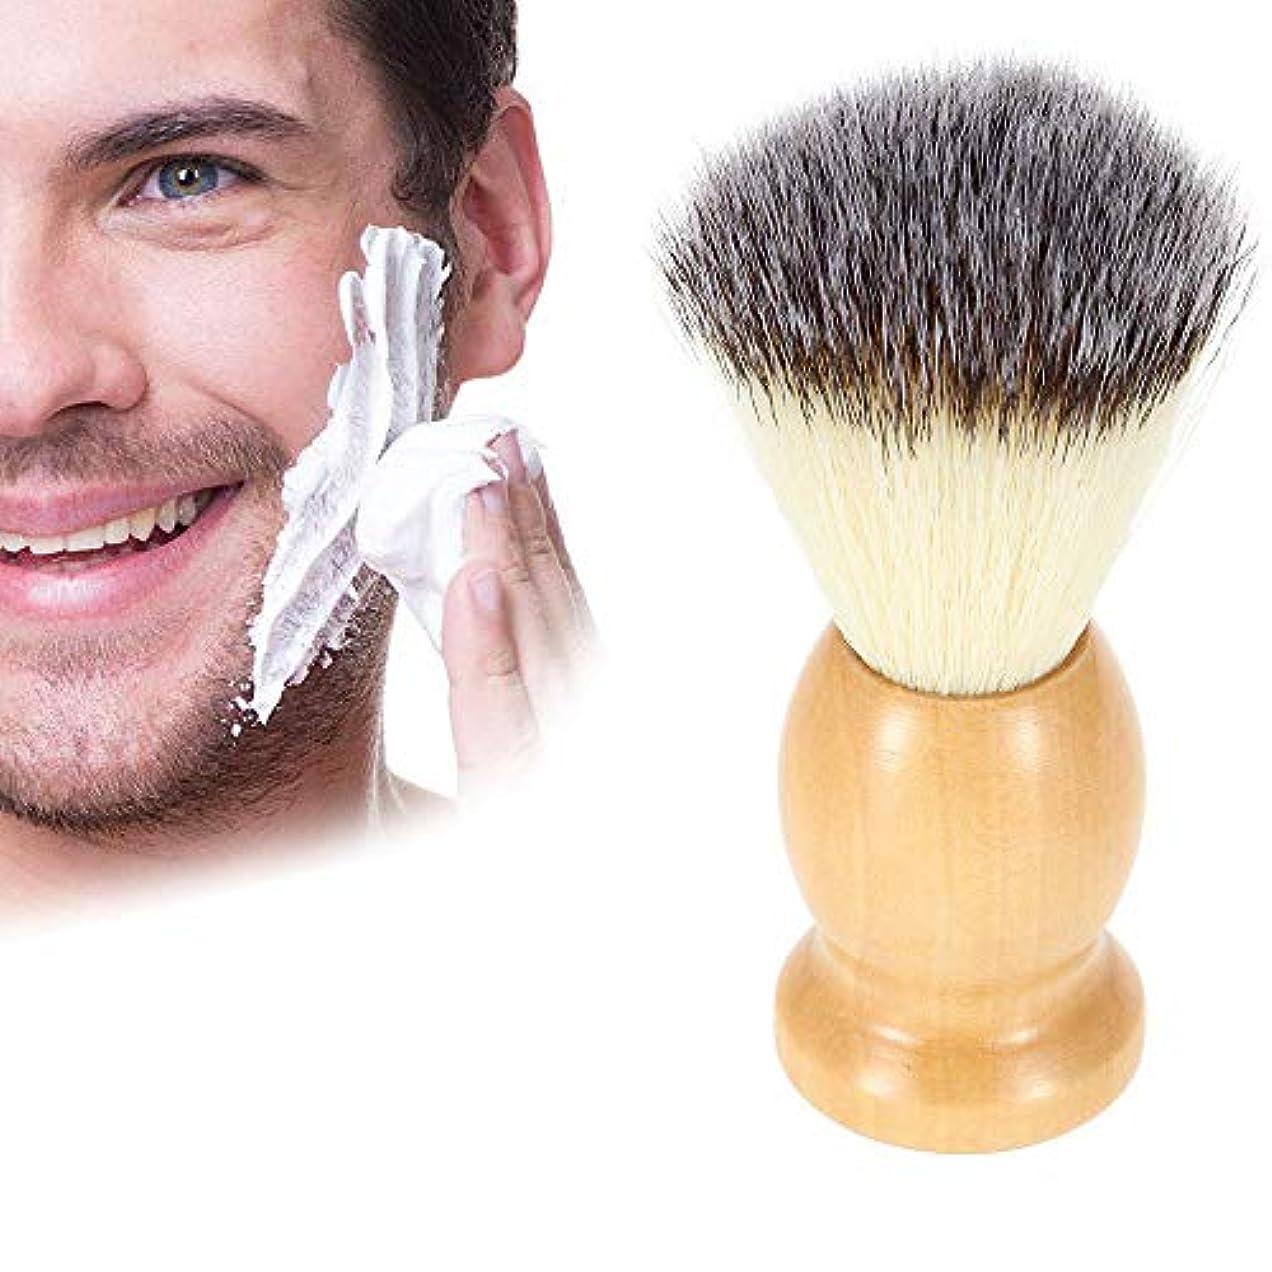 テントギャラントリーラリーButokal ナイロンひげブラシ メンズ用ブラシ 木製ハンドルシェービングブラシ 泡立ち ひげブラシ 理容 洗顔 髭剃り ご主人 ボーイフレンド 友人 にプレゼント シェービング用アクセサリー